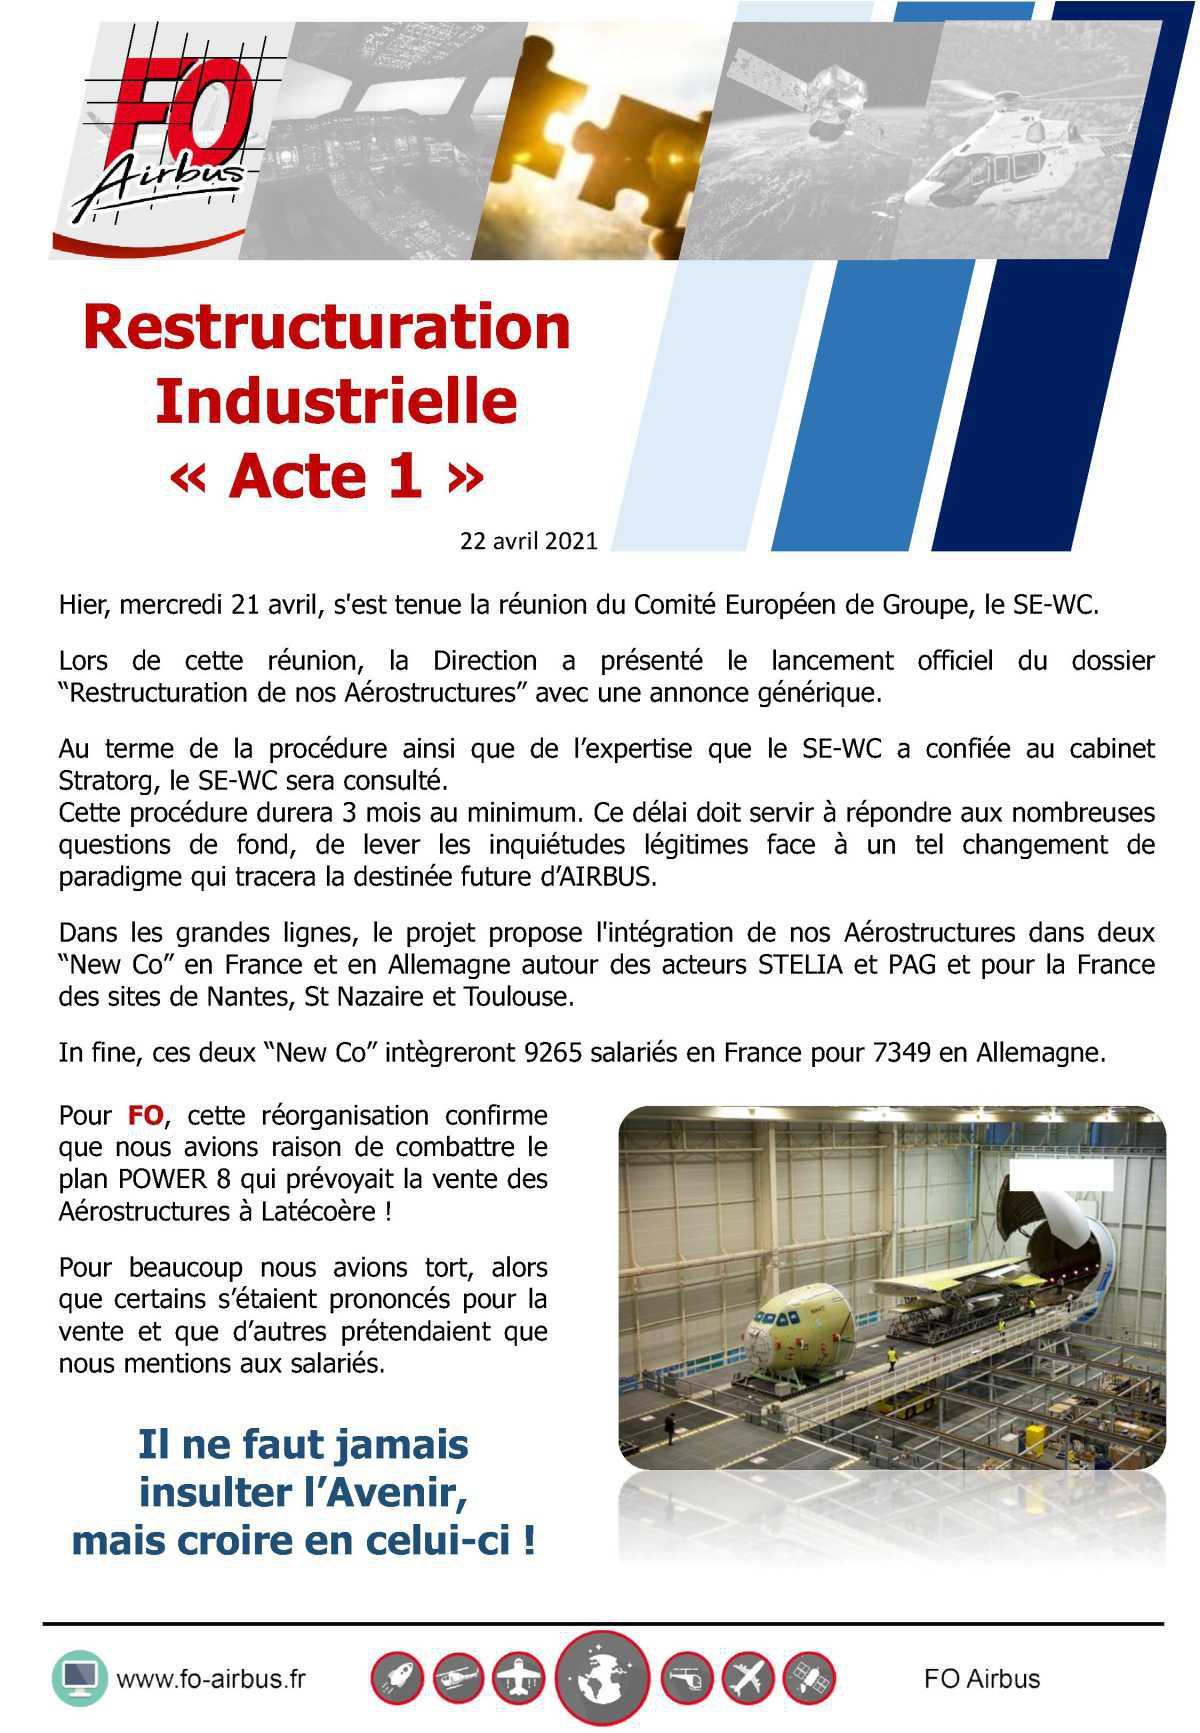 Restructuration Industrielle: Acte 1